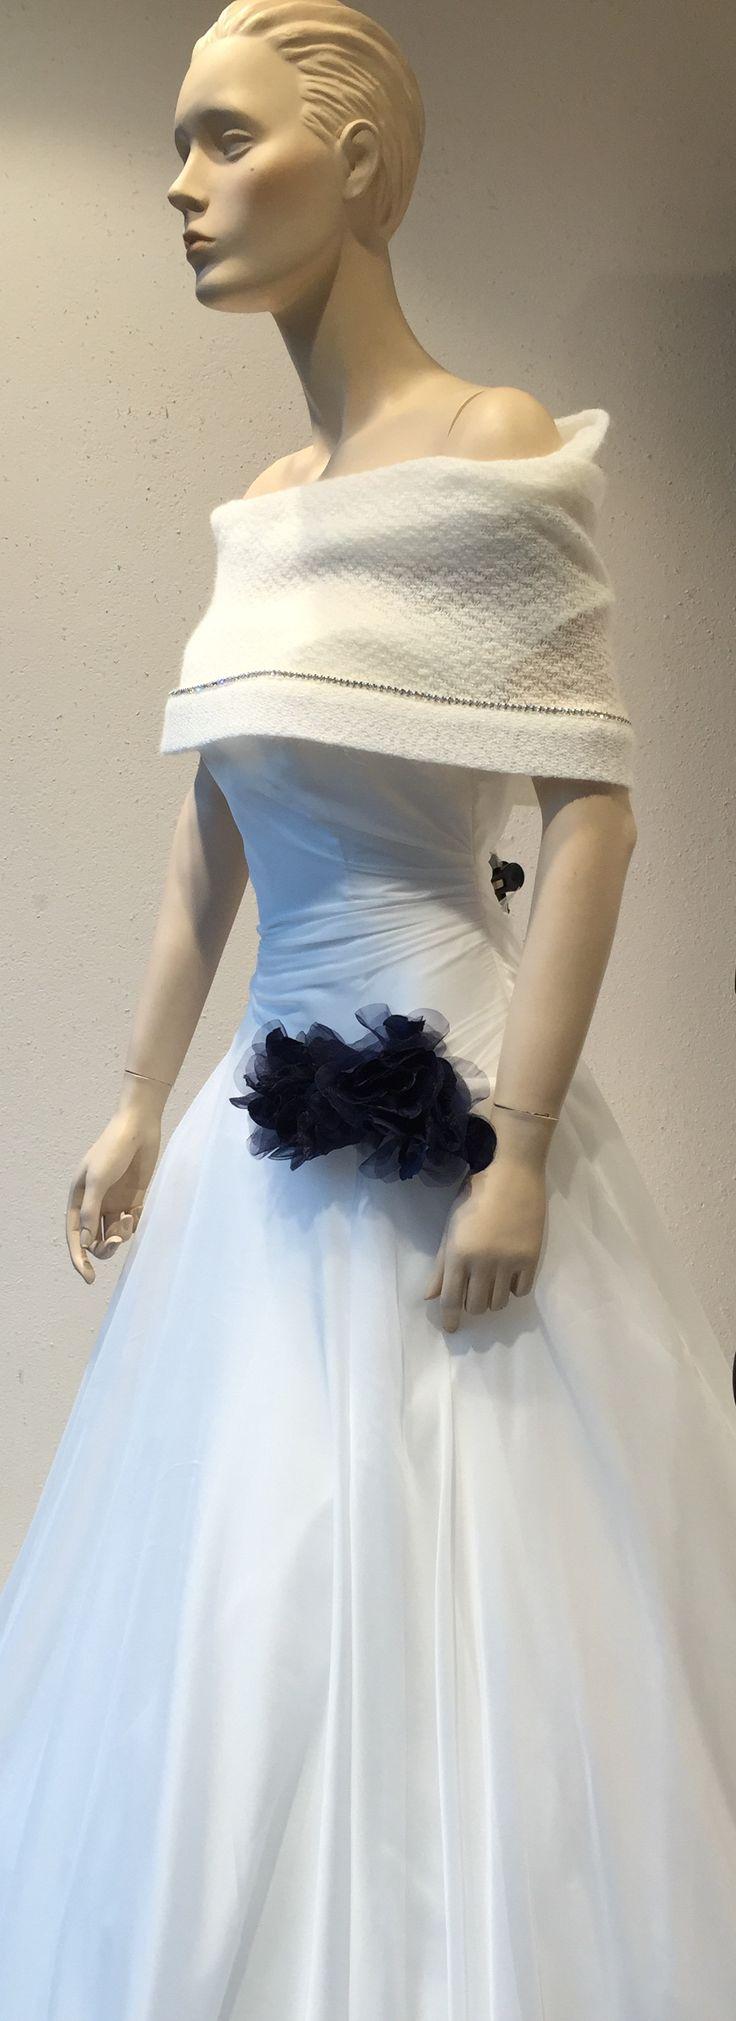 Modello Rubino...non un tocco di blu! Cosa ne pensate? Alessandro Tosetti Www.tosettisposa.it Www.alessandrotosetti.com #abitidasposa #wedding #weddingdress #tosetti #tosettisposa #nozze #bride #alessandrotosetti